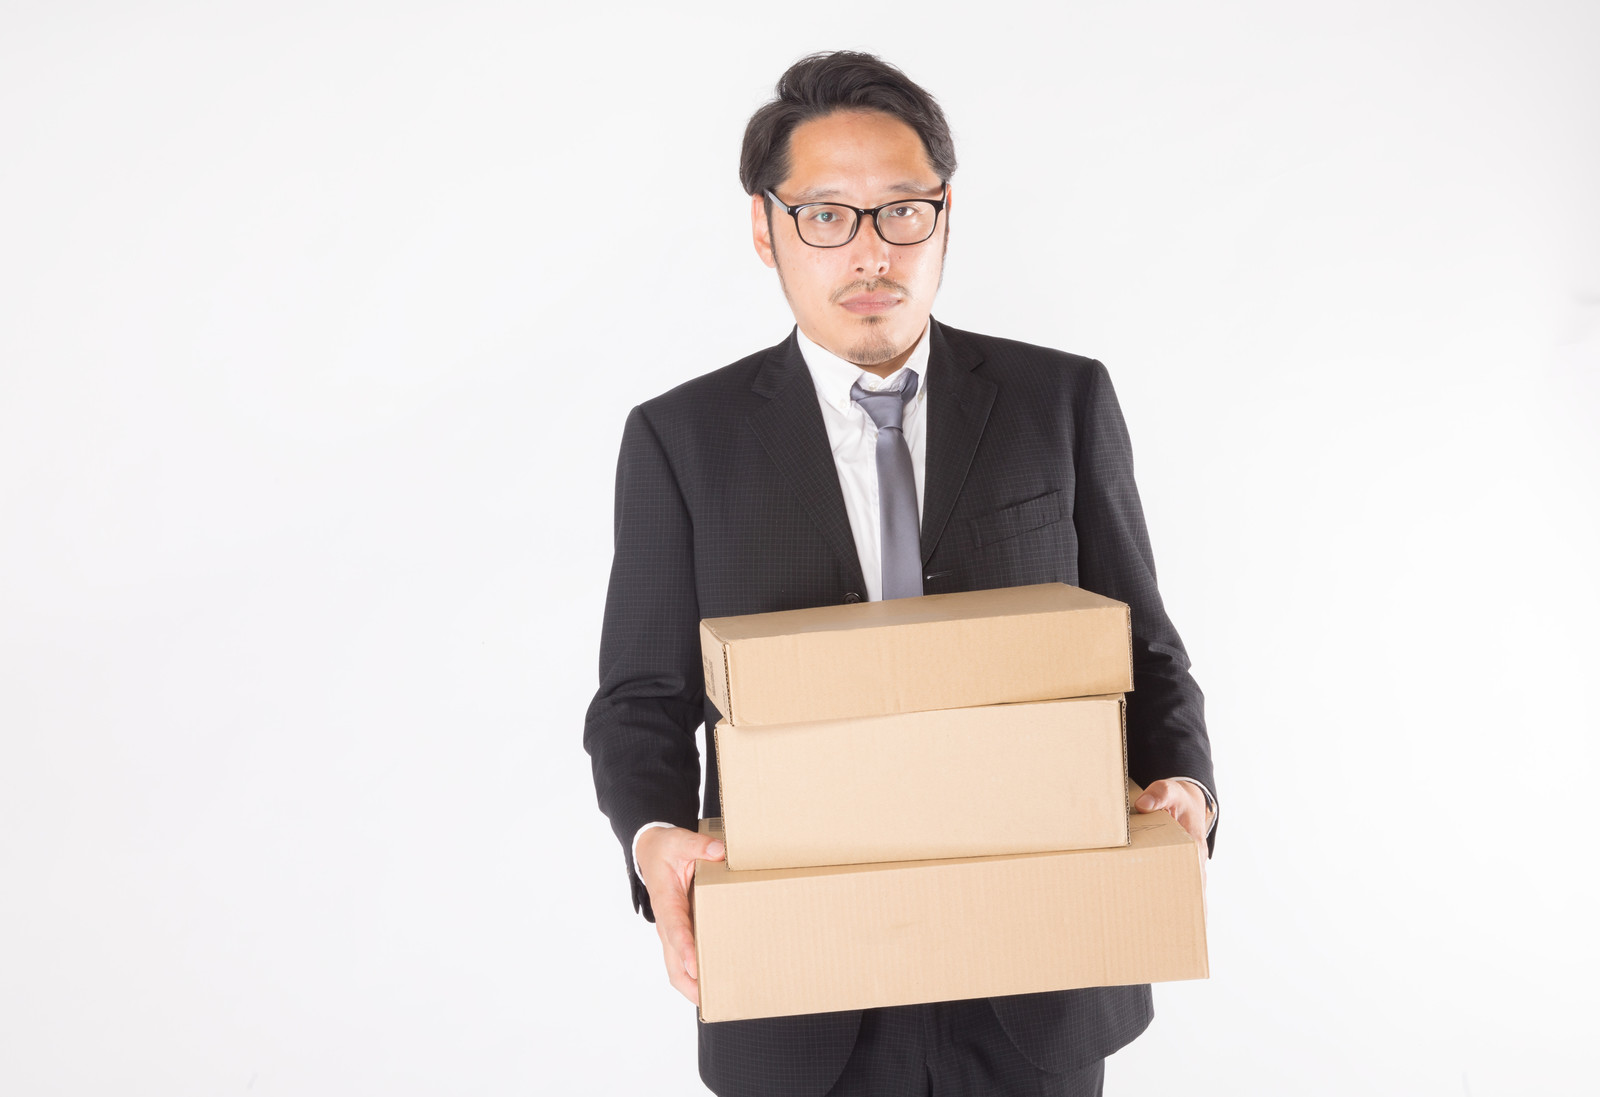 オフィス移転を行なう際にまずは知っておきたいポイントと注意点は?